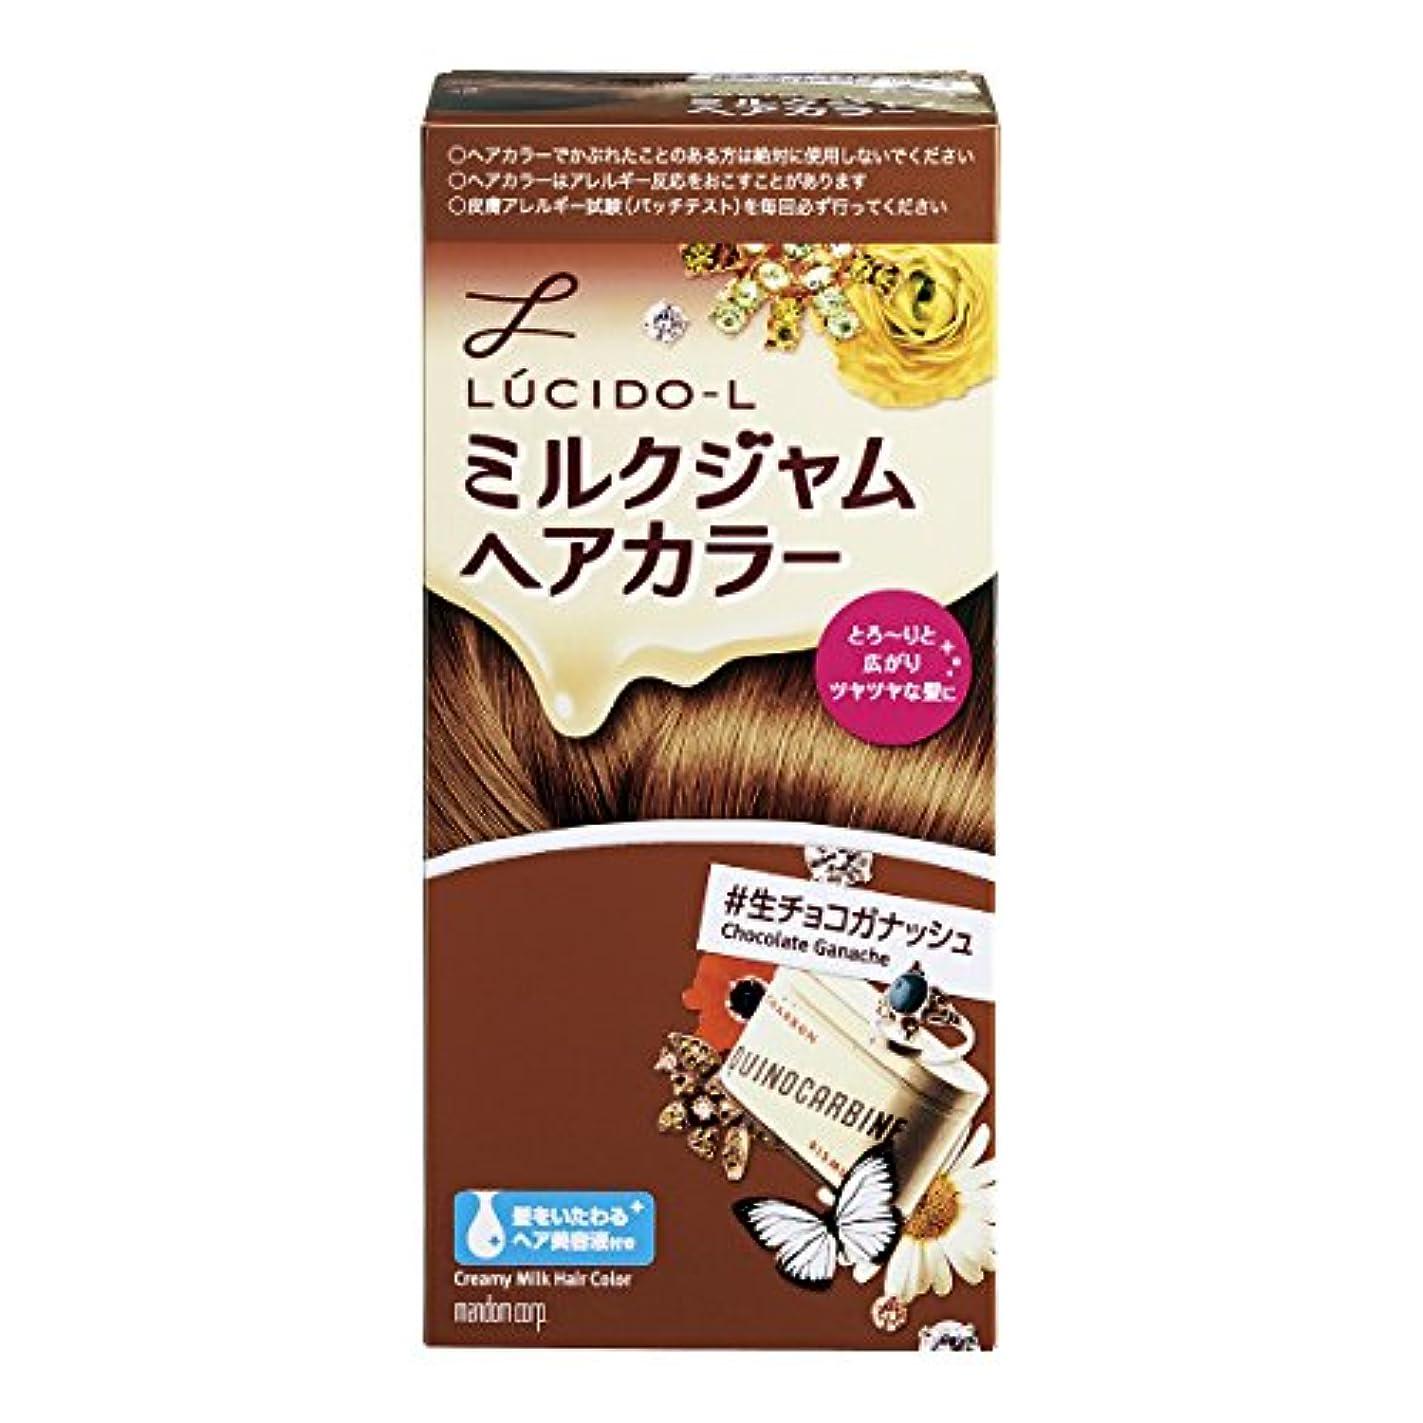 シール受信砂漠ルシードエル ミルクジャムヘアカラー #生チョコガナッシュ 40g (医薬部外品)